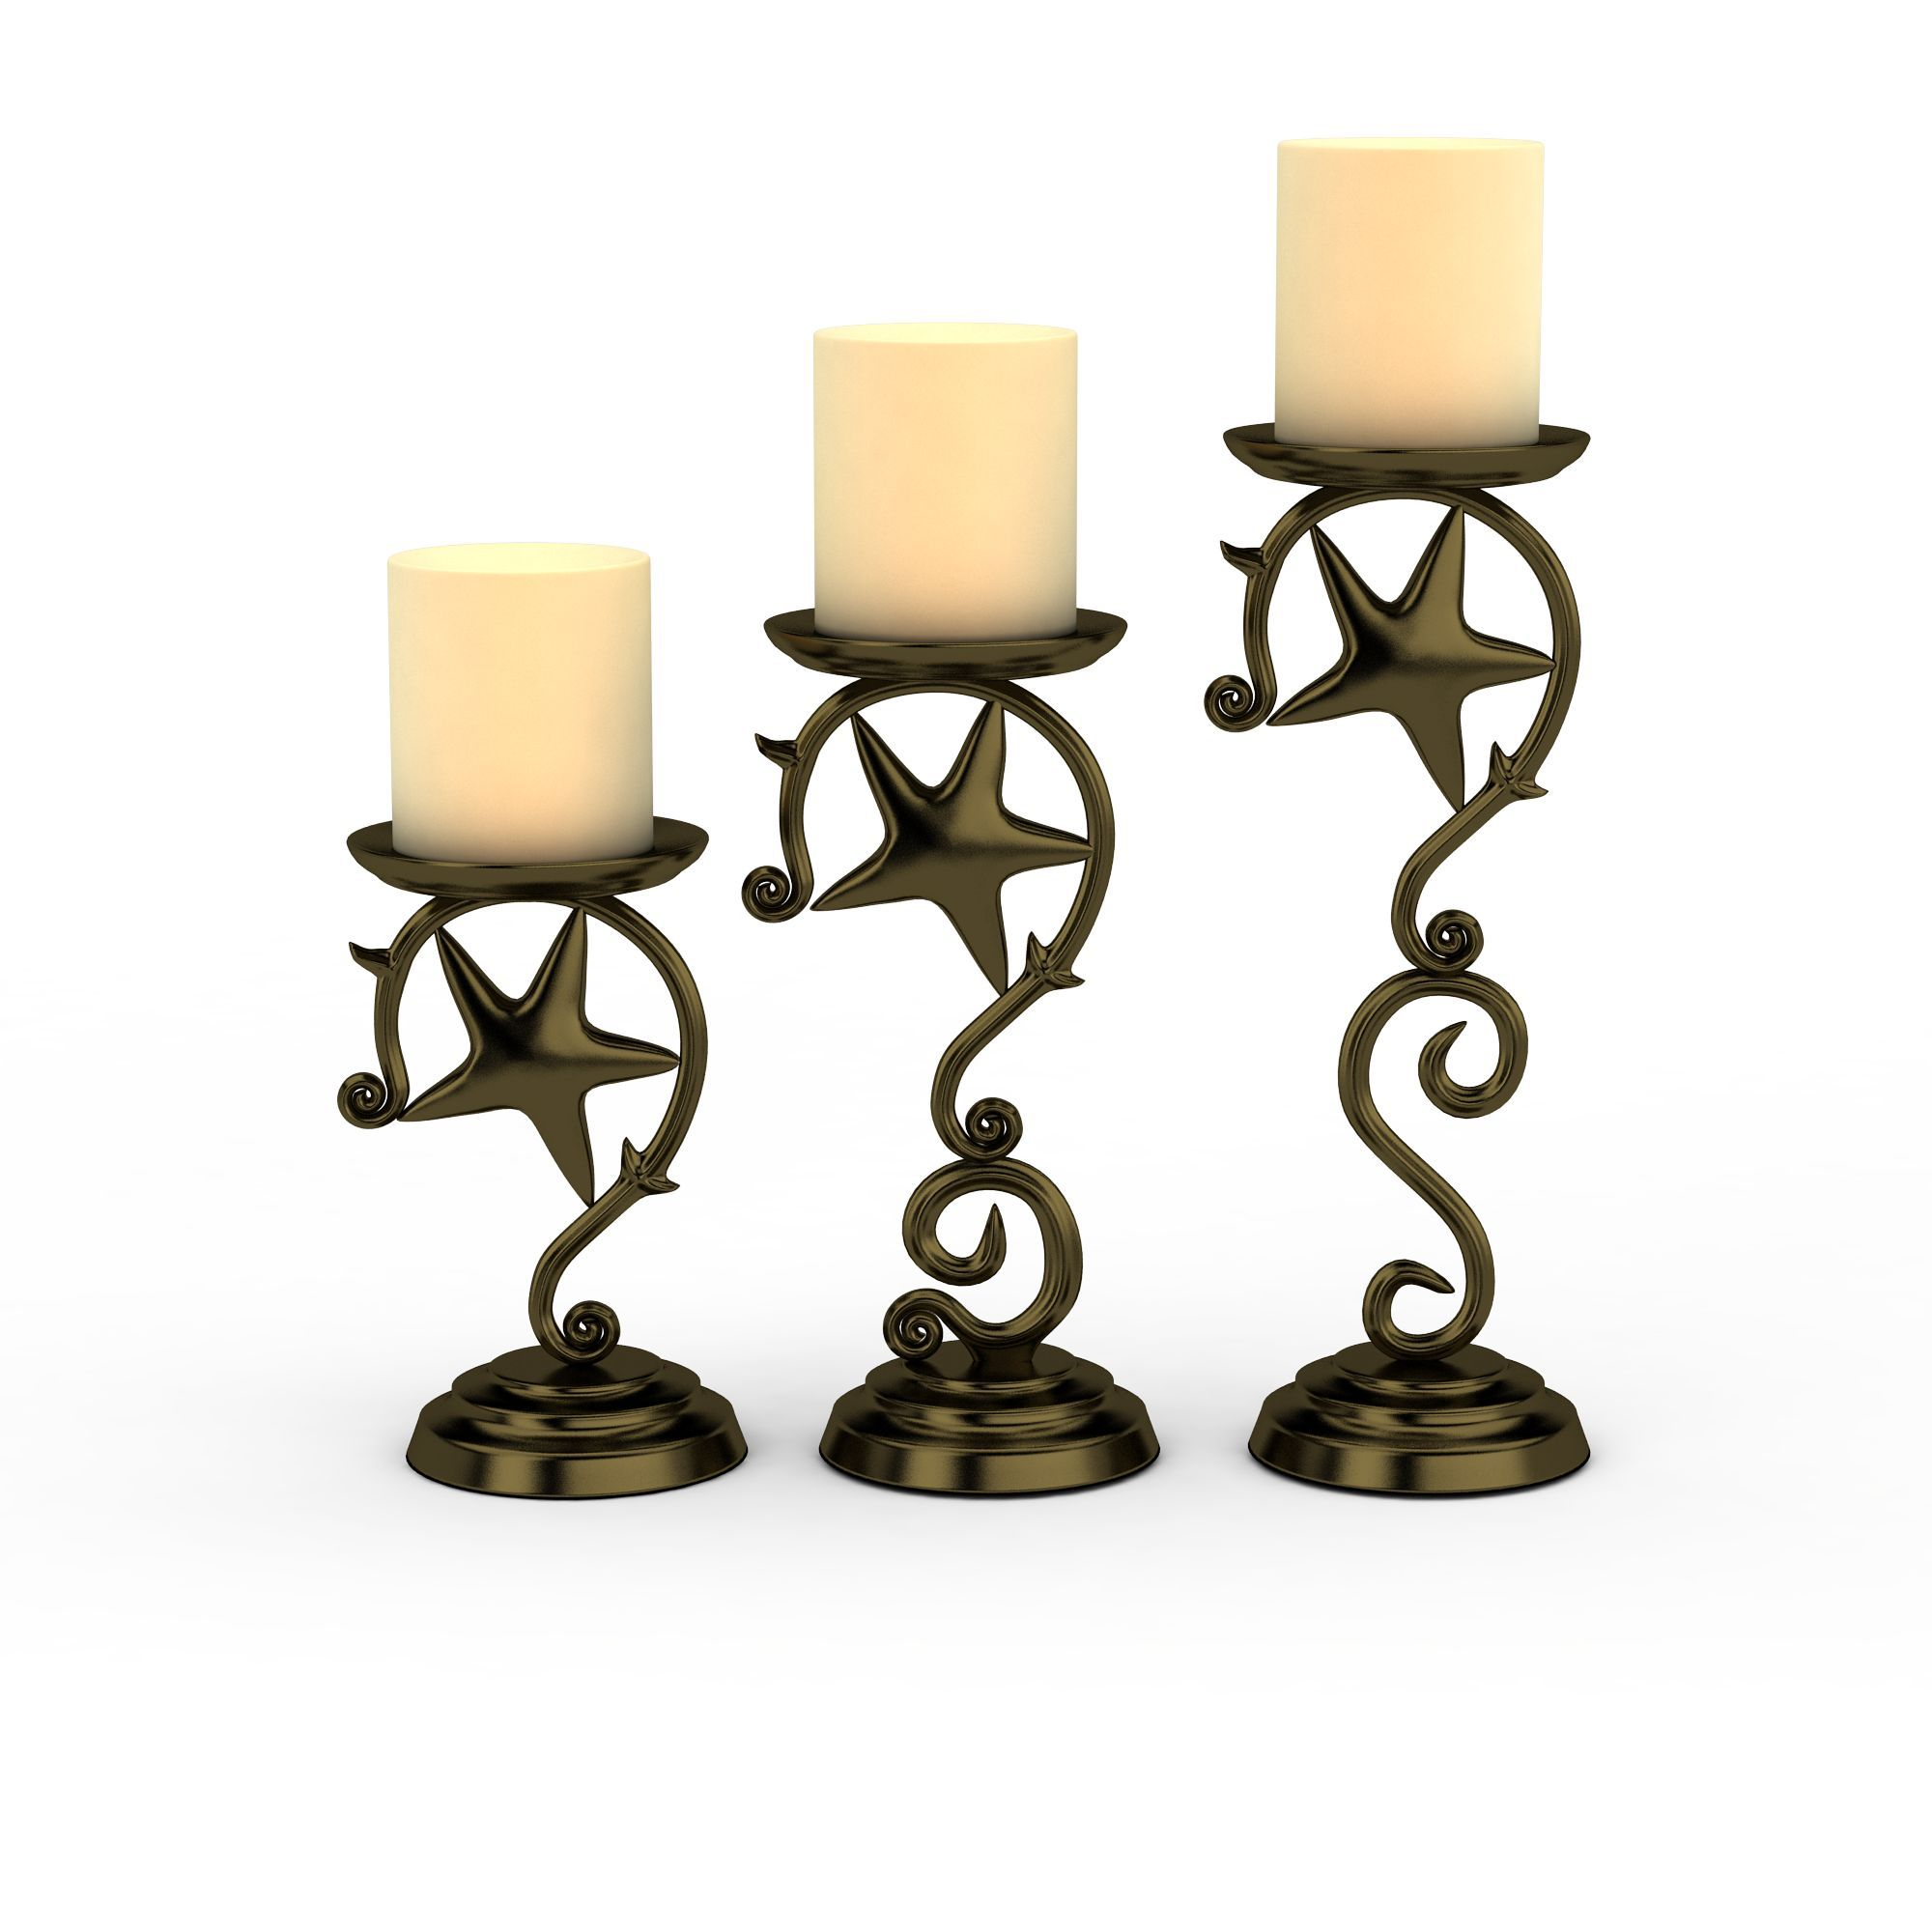 关键词:蜡烛3d模型铁艺蜡烛灯3d模型烛台3d模型 相关图片素材下载